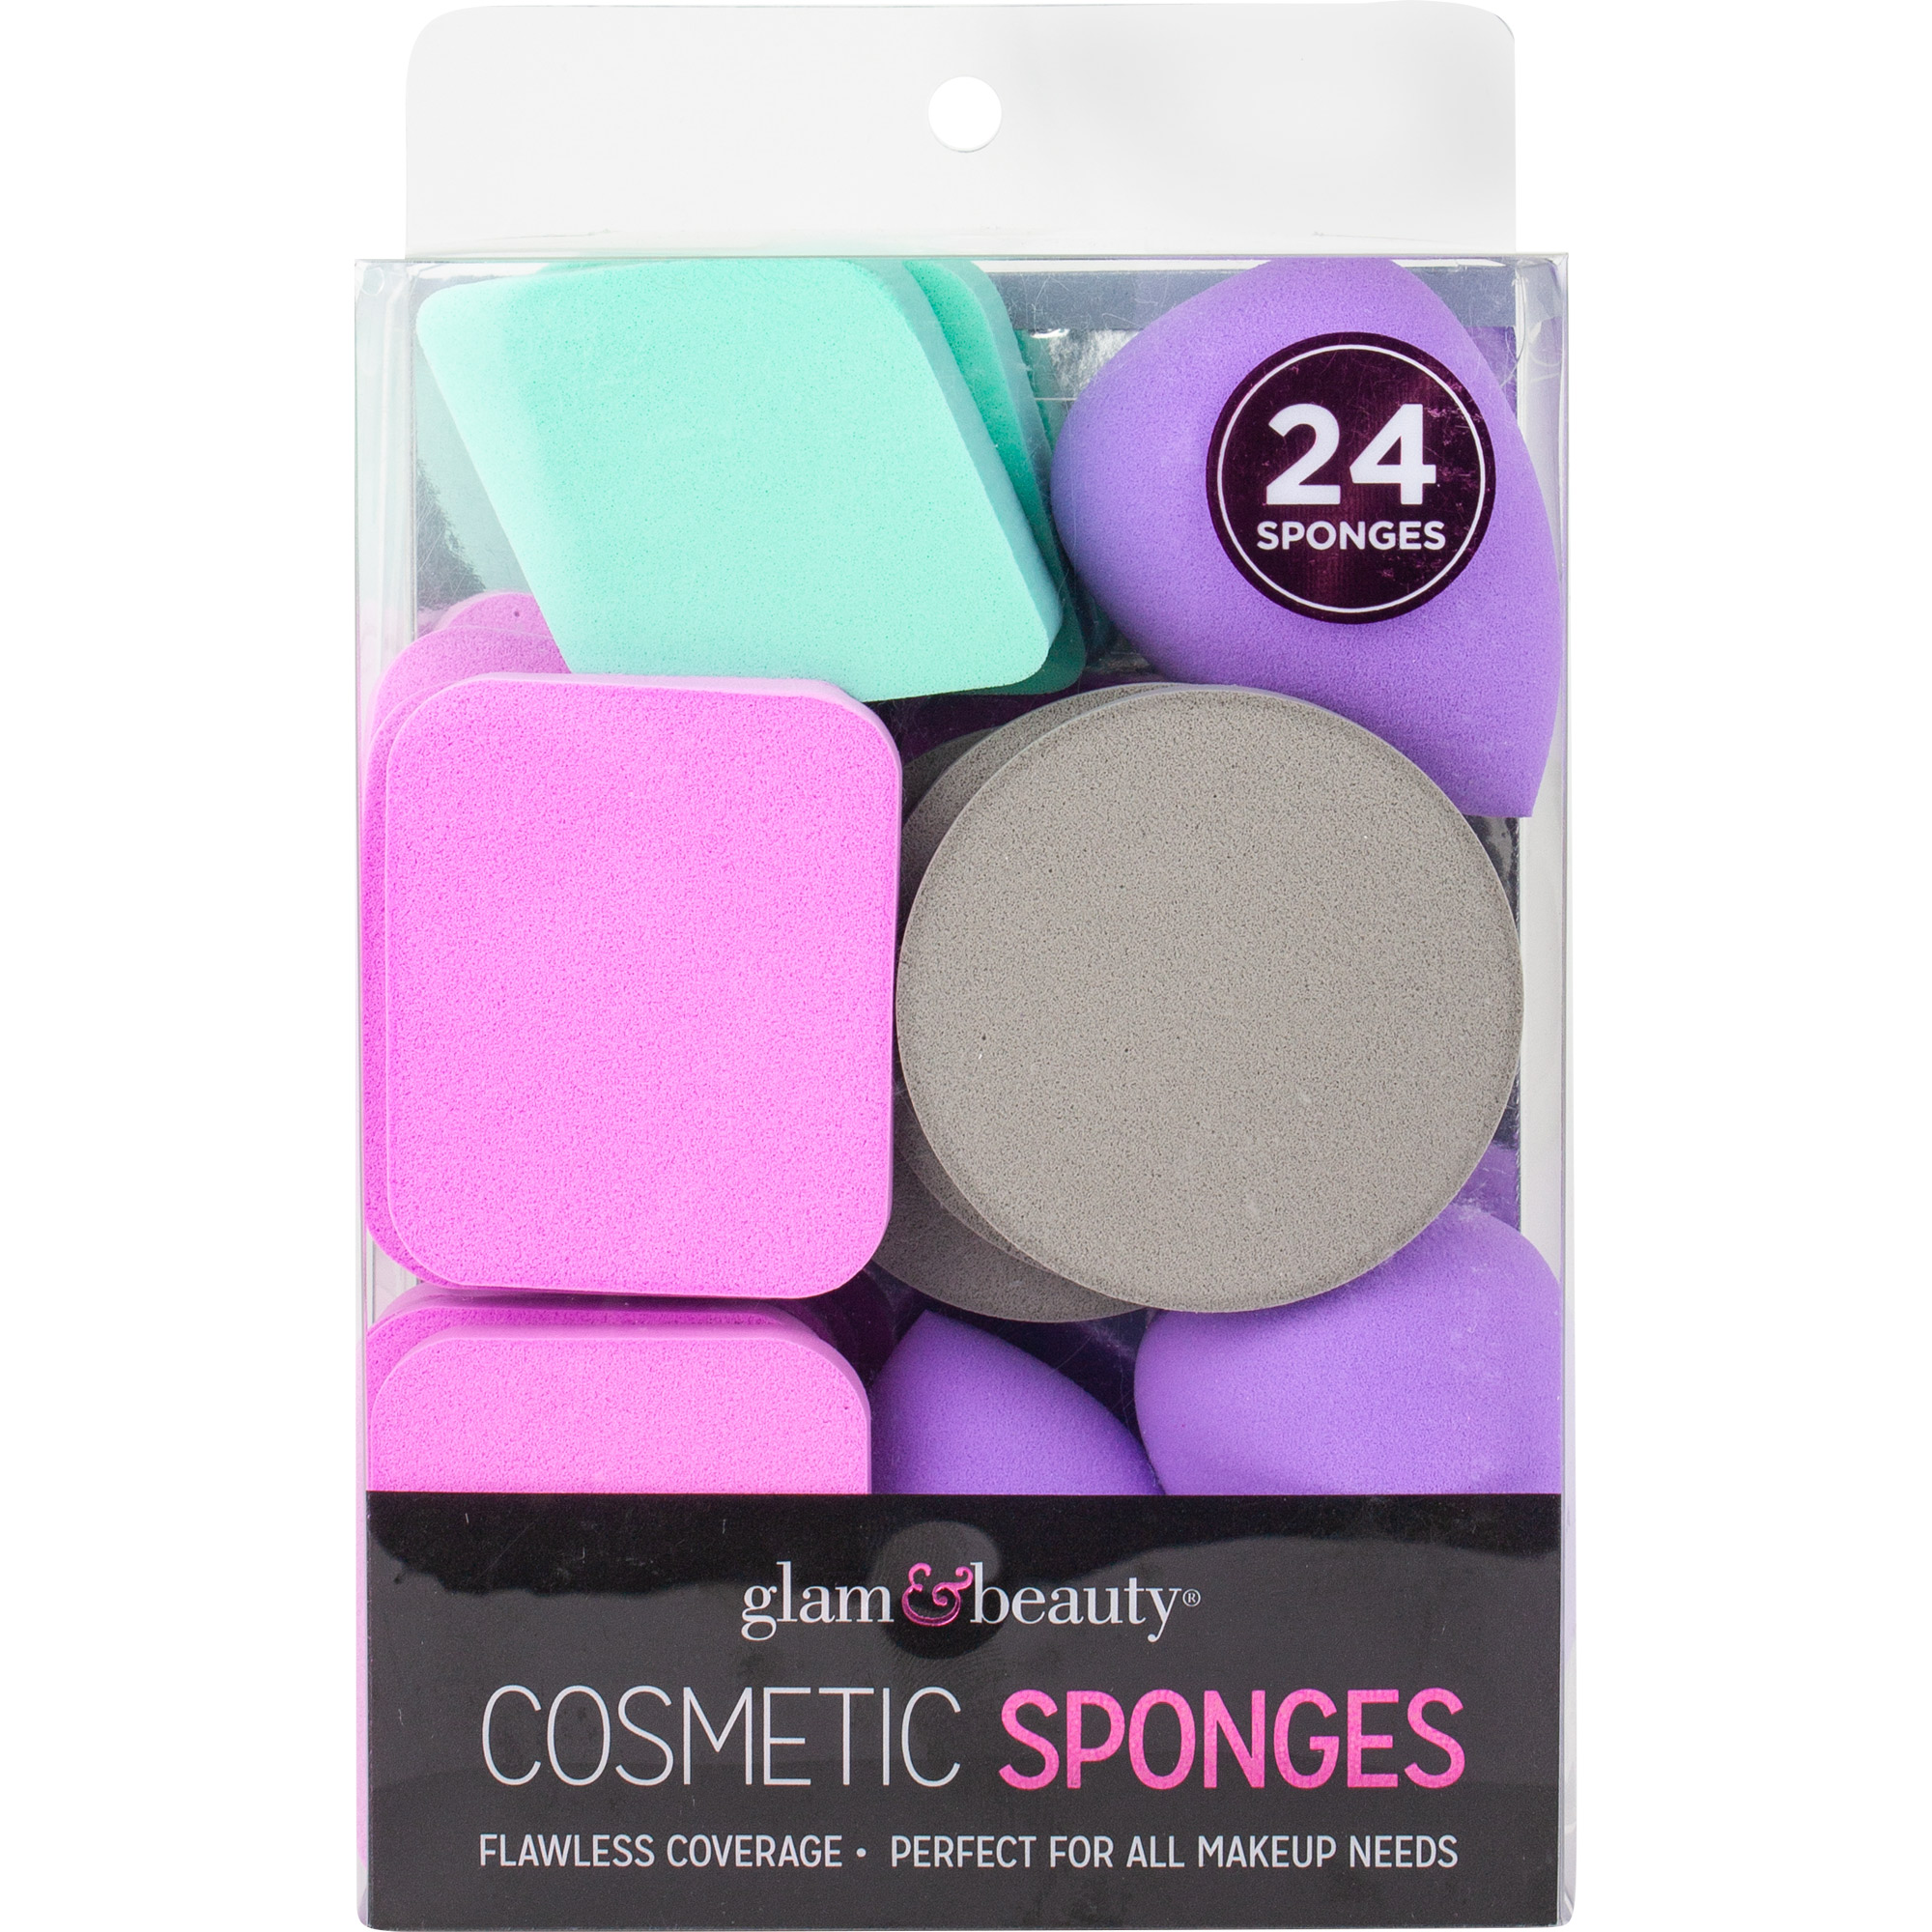 BrickSeek - Glam and Beauty 24Count Cosmetic Sponges, Best Brands, Makeup Sponges - BrickSeek